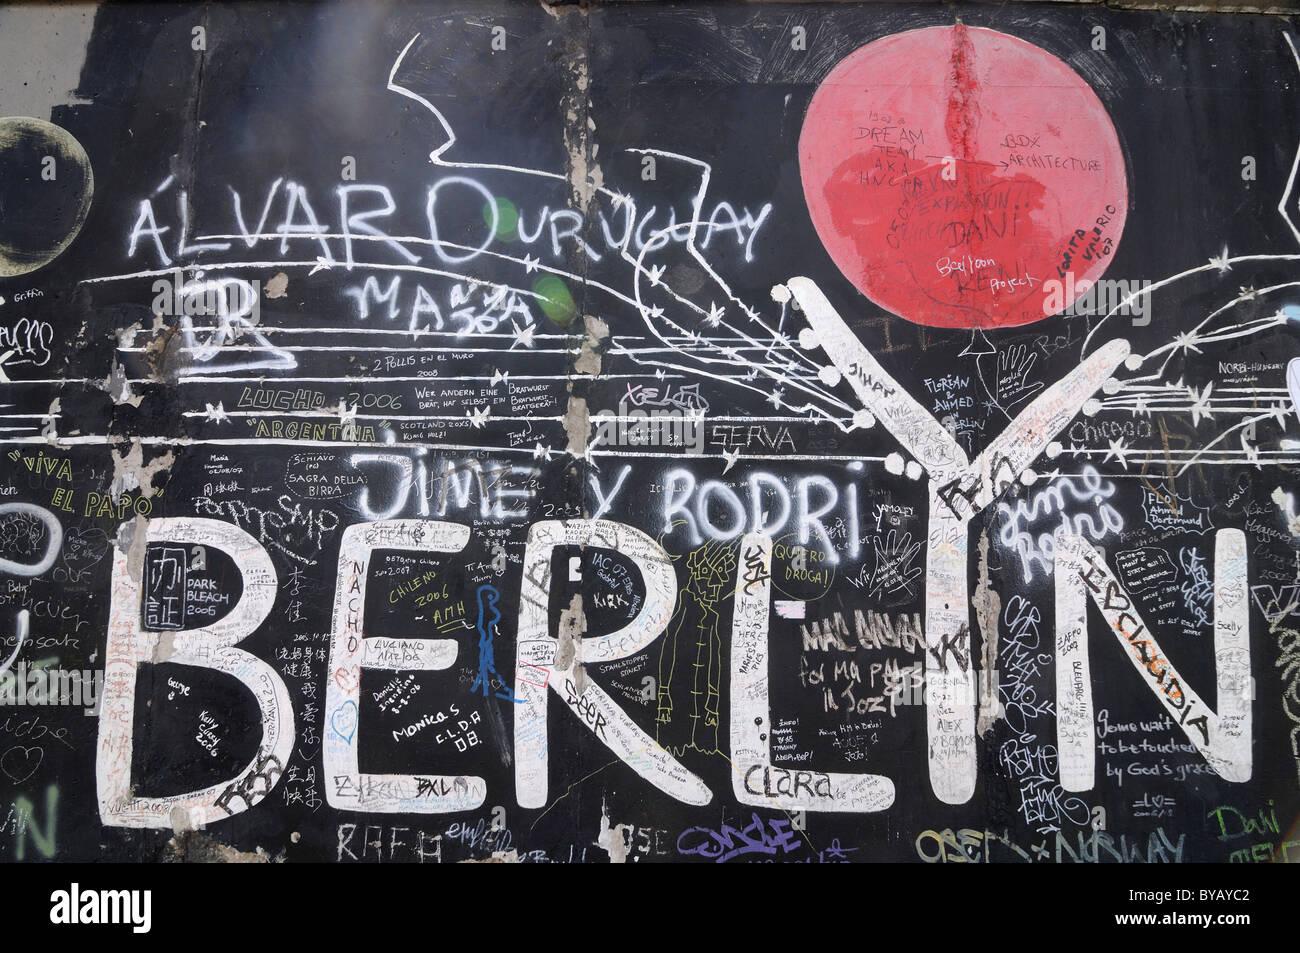 Berlin graffiti, East Side Gallery, Berlin, Germany, Europe - Stock Image